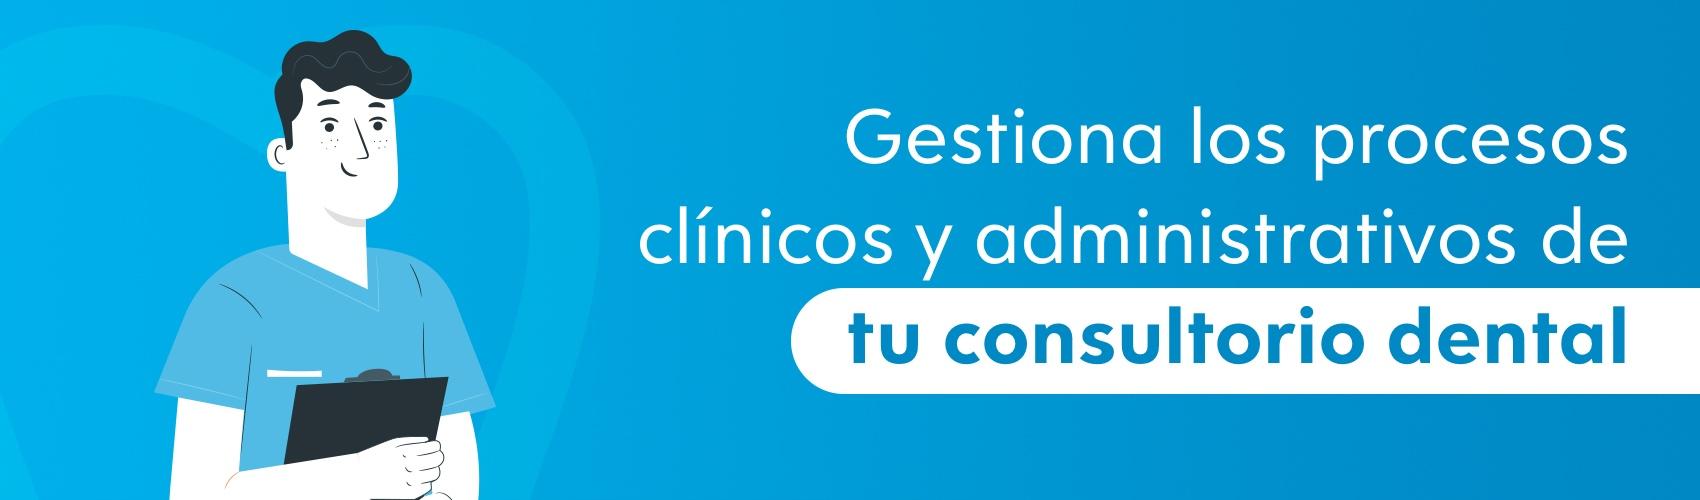 Gestiona los procesos clínicos y administrativos de tu consultorio dental